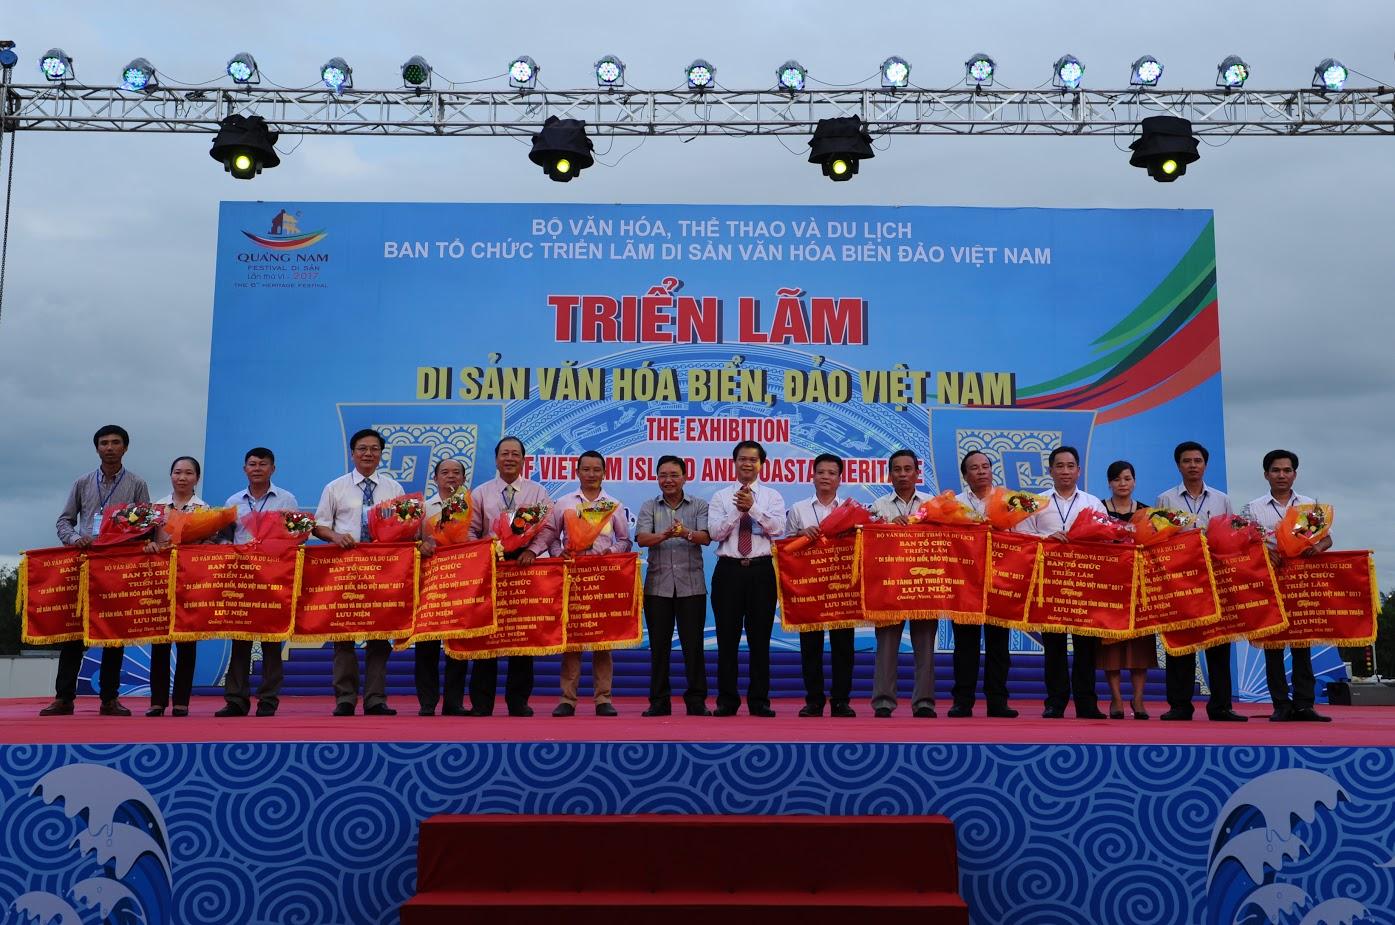 Ban tổ chức tặng cờ lưu niệm cho 14 tỉnh thành tham gia triển lãm. Ảnh: MINH HẢI